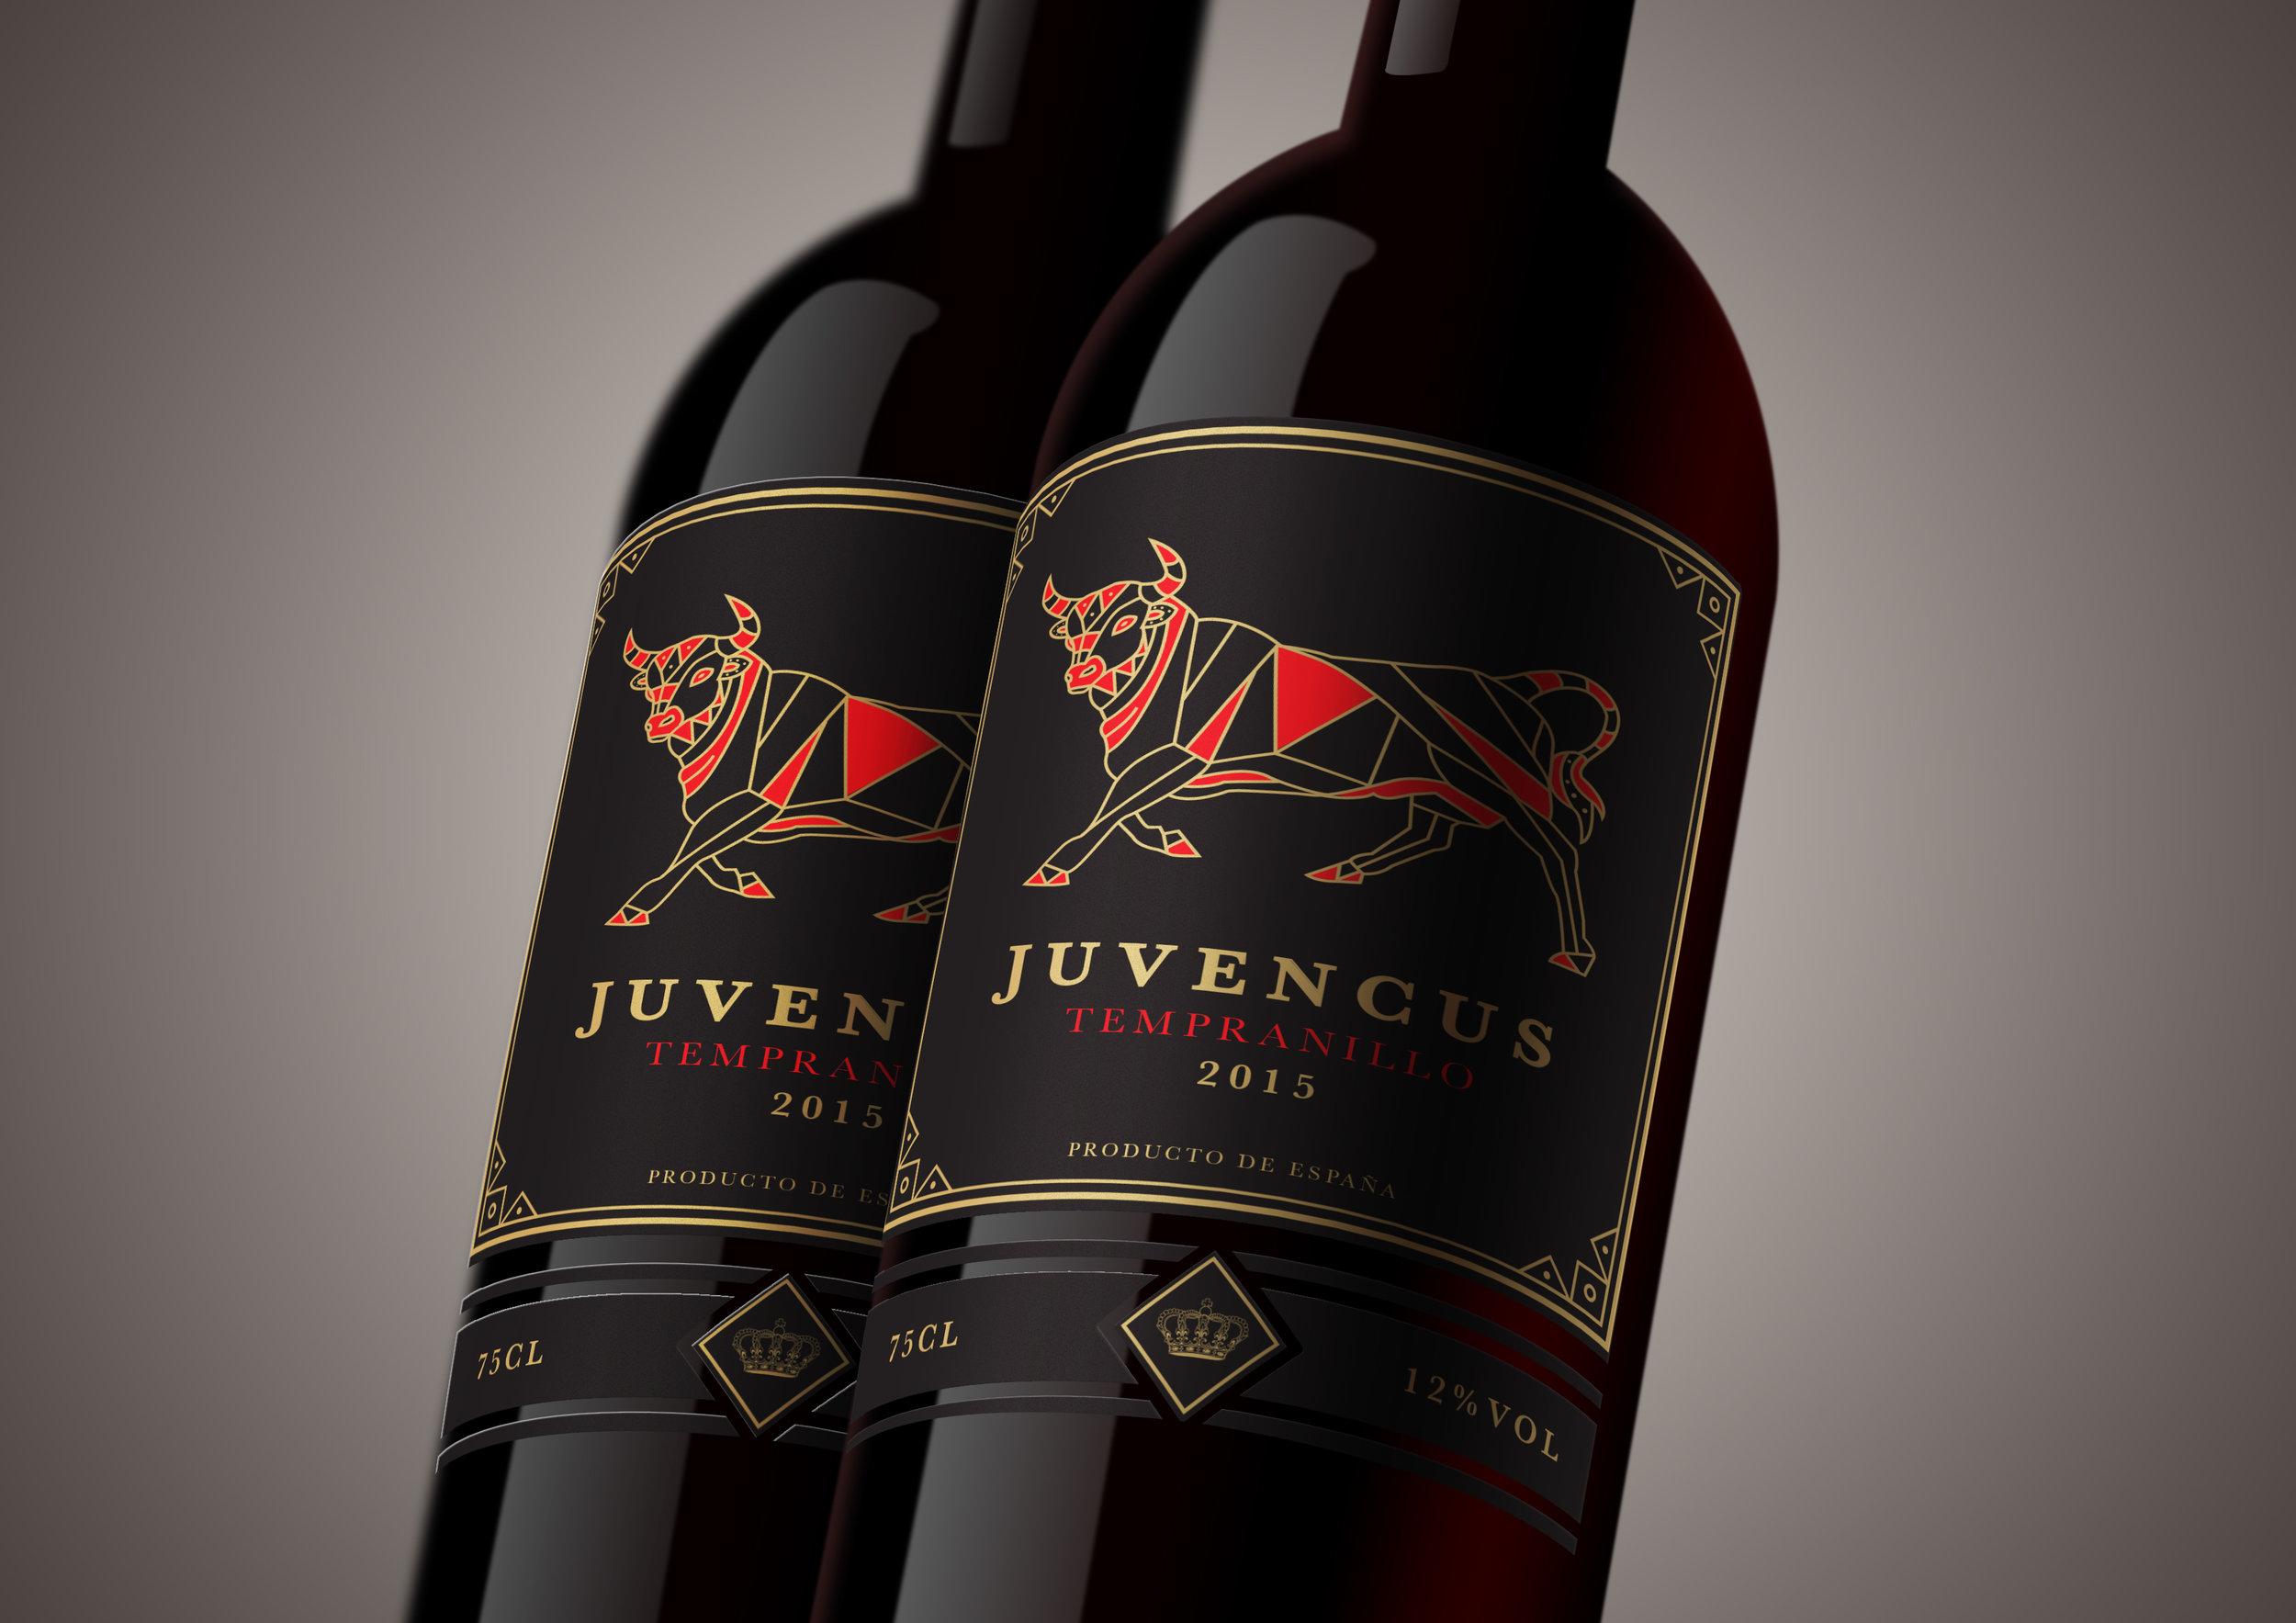 Juvencus 2 bottle shot.jpg